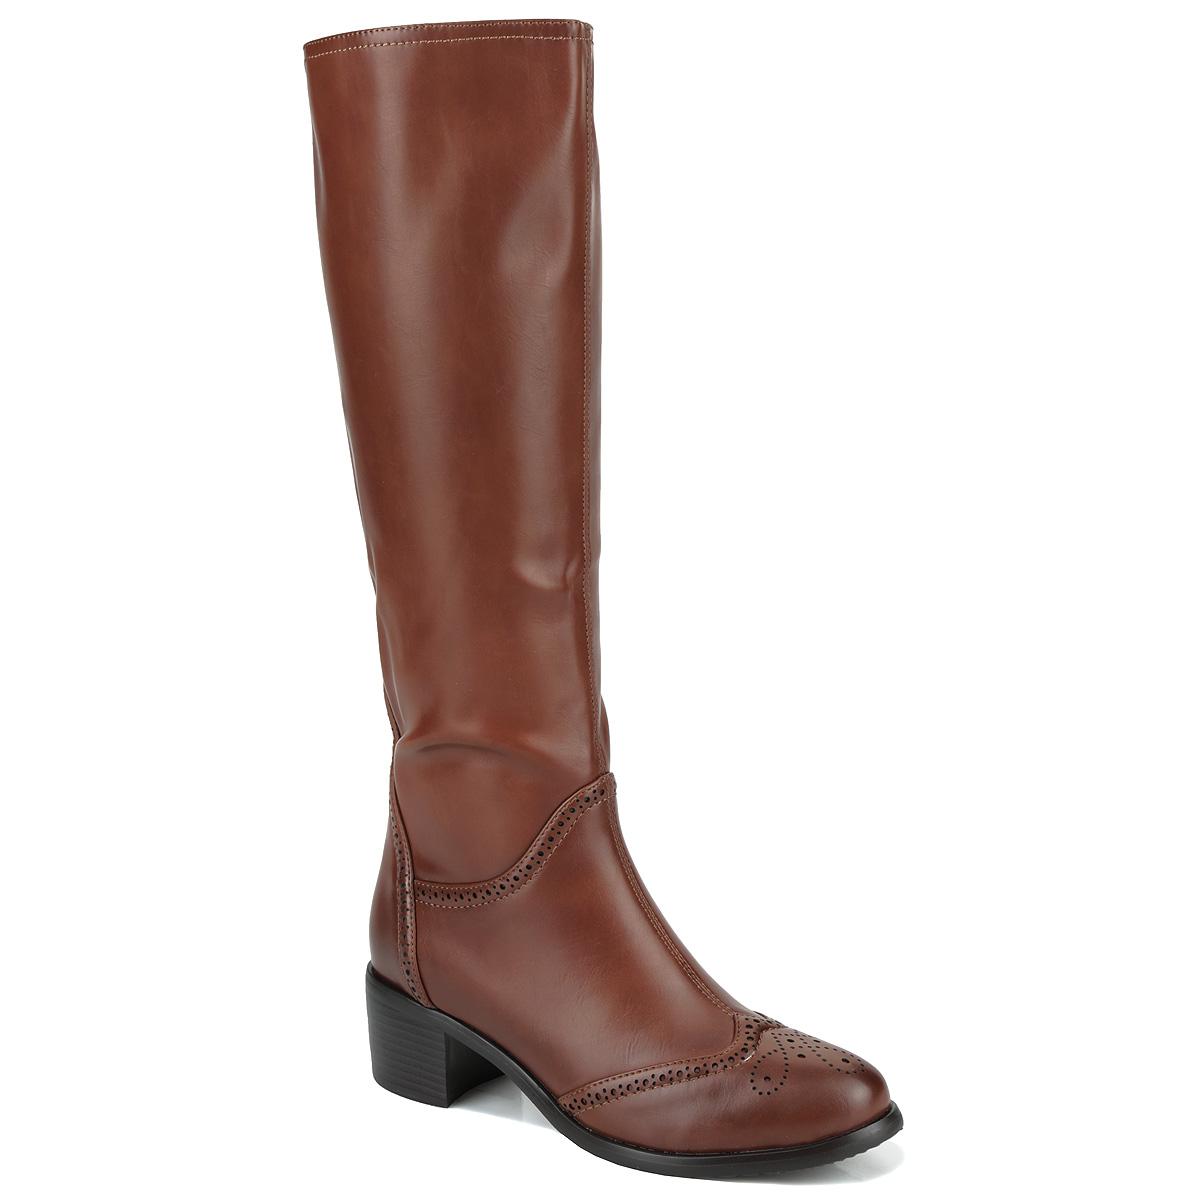 Сапоги женские. 42-EF-0242-EF-02 CXСтильные женские сапоги от Wilmar покорят вас с первого взгляда. Модель выполнена из искусственной кожи и оформлена перфорацией. Сапоги застегивается на боковую застежку-молнию. Резинки, расположенные на голенище, обеспечивают оптимальную посадку модели на ноге. Подкладка и стелька из байки согреют ваши ноги в холодную погоду. Каблук умеренной высоты обеспечит модели устойчивость. Подошва с рифлением защищают изделие от скольжения. Великолепные сапоги подчеркнут ваш стиль и яркую индивидуальность. В них вы всегда будете чувствовать себя уютно и комфортно!